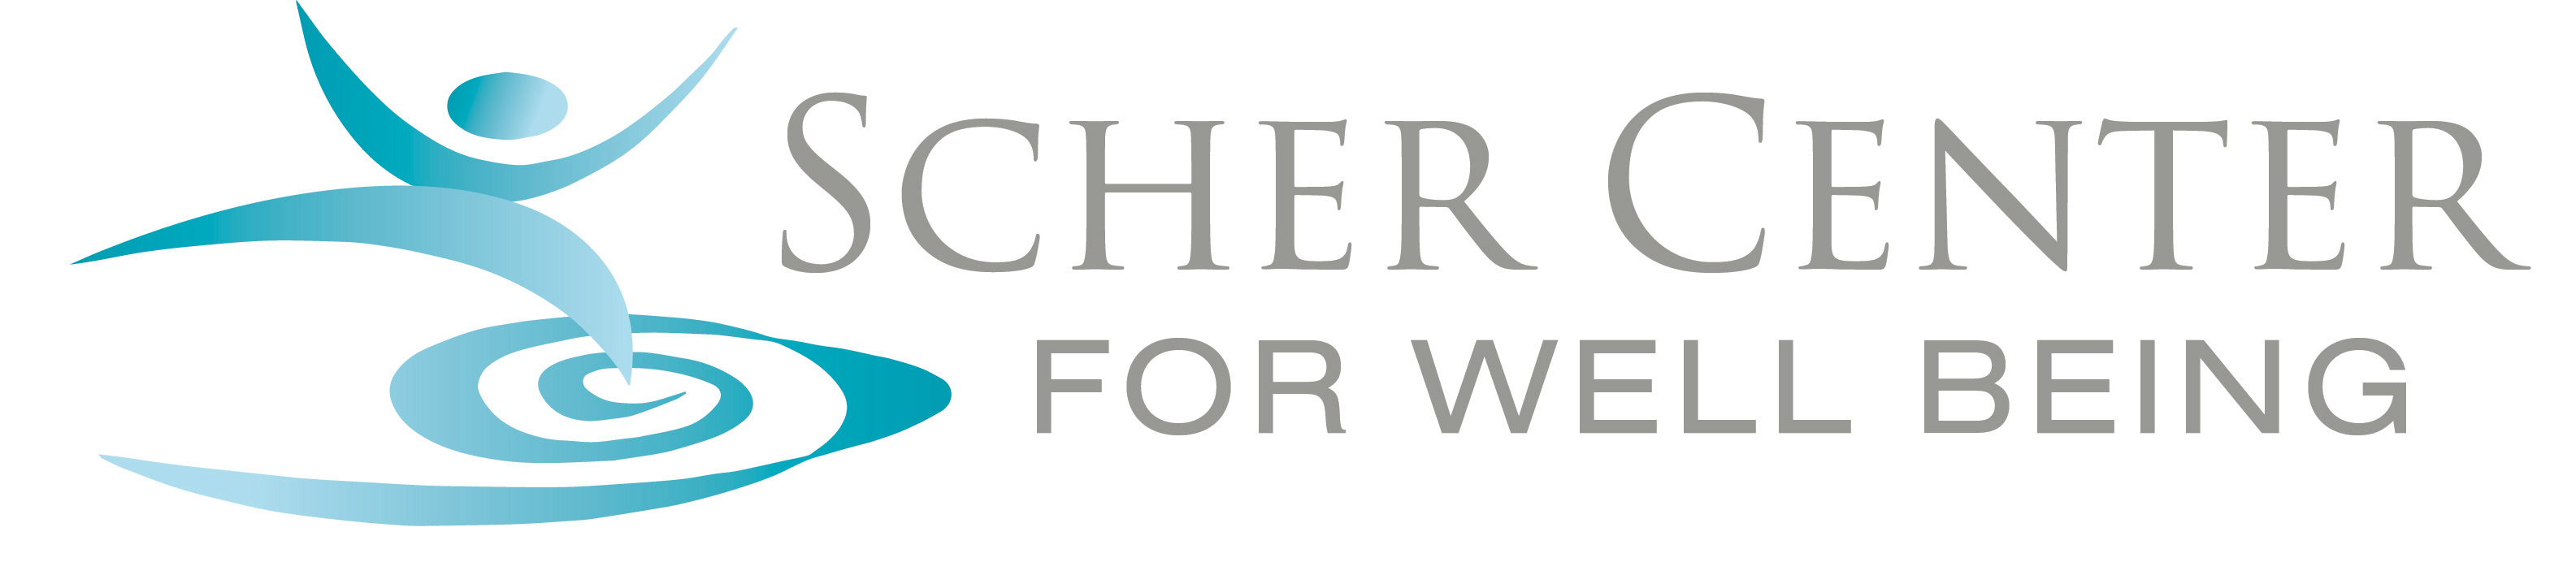 Scher Center for Wellbeing